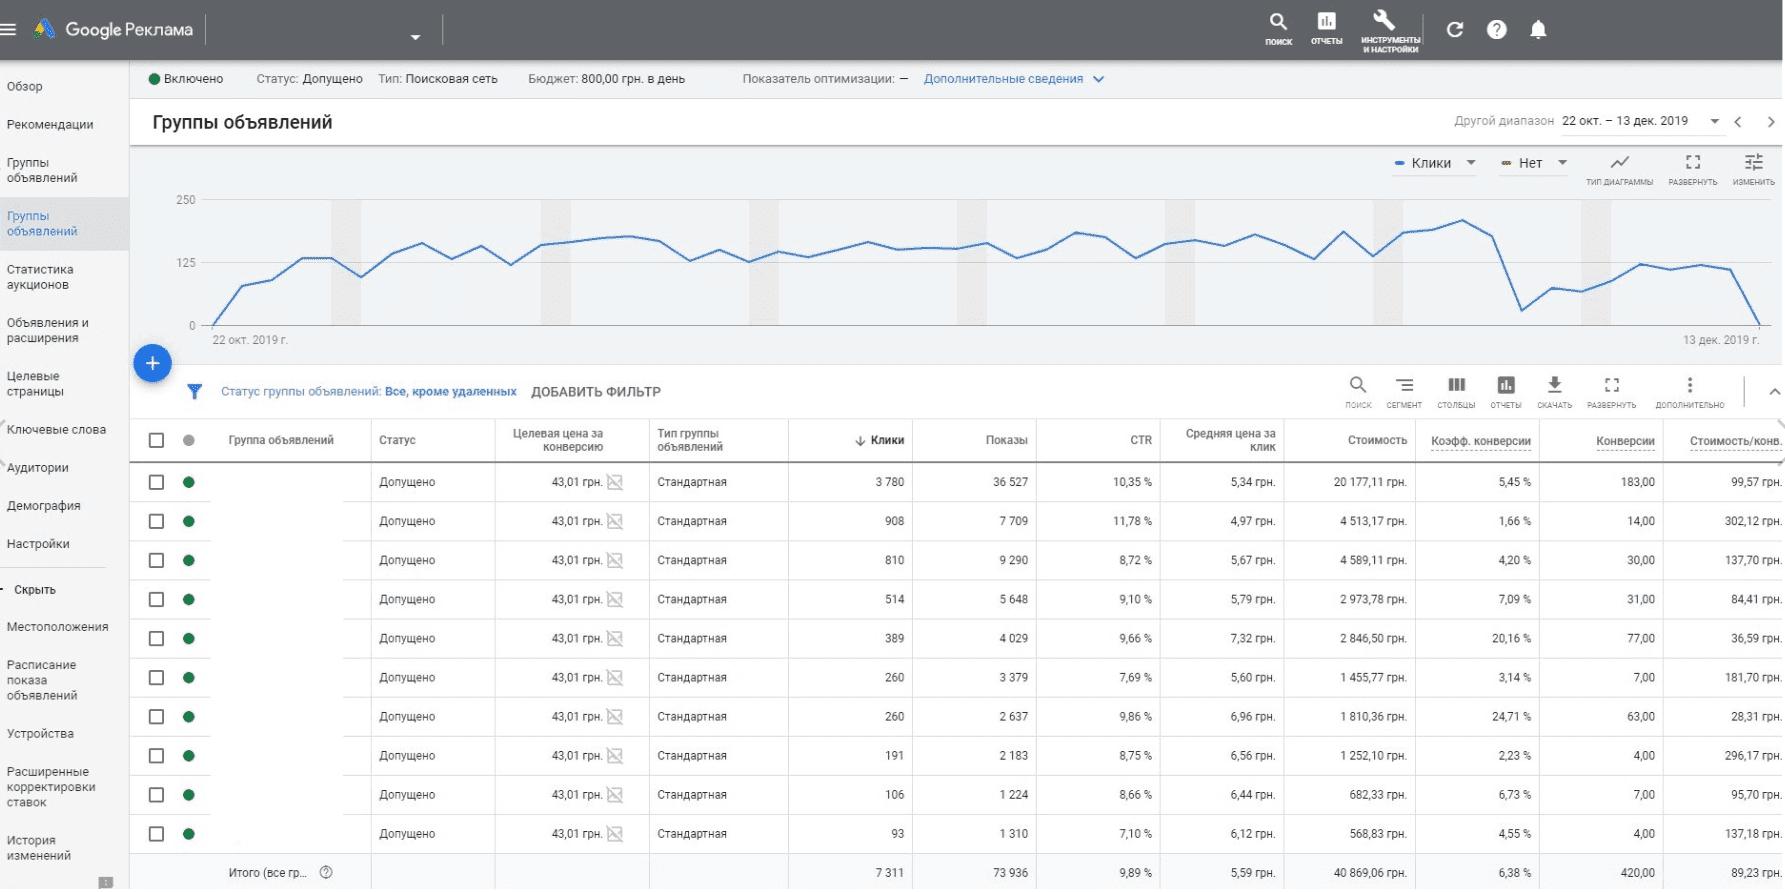 Google Ads увеличение продаж на 211% за 1 месяц